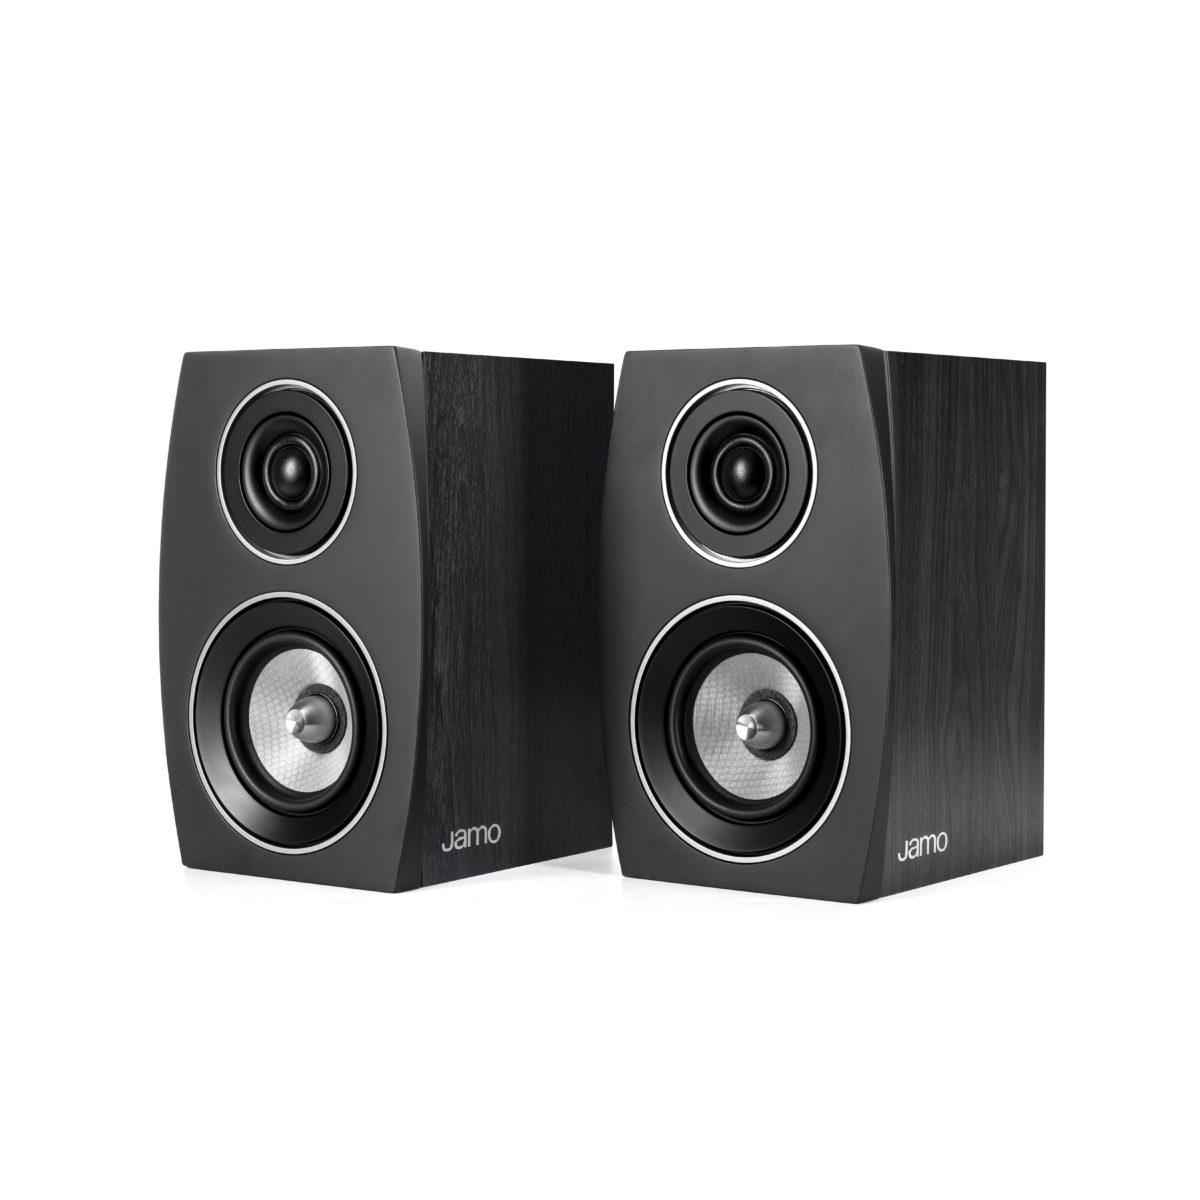 JAMO Concert 9 Series II: sound cristallino e materiali di pregio per un restyling raffinat